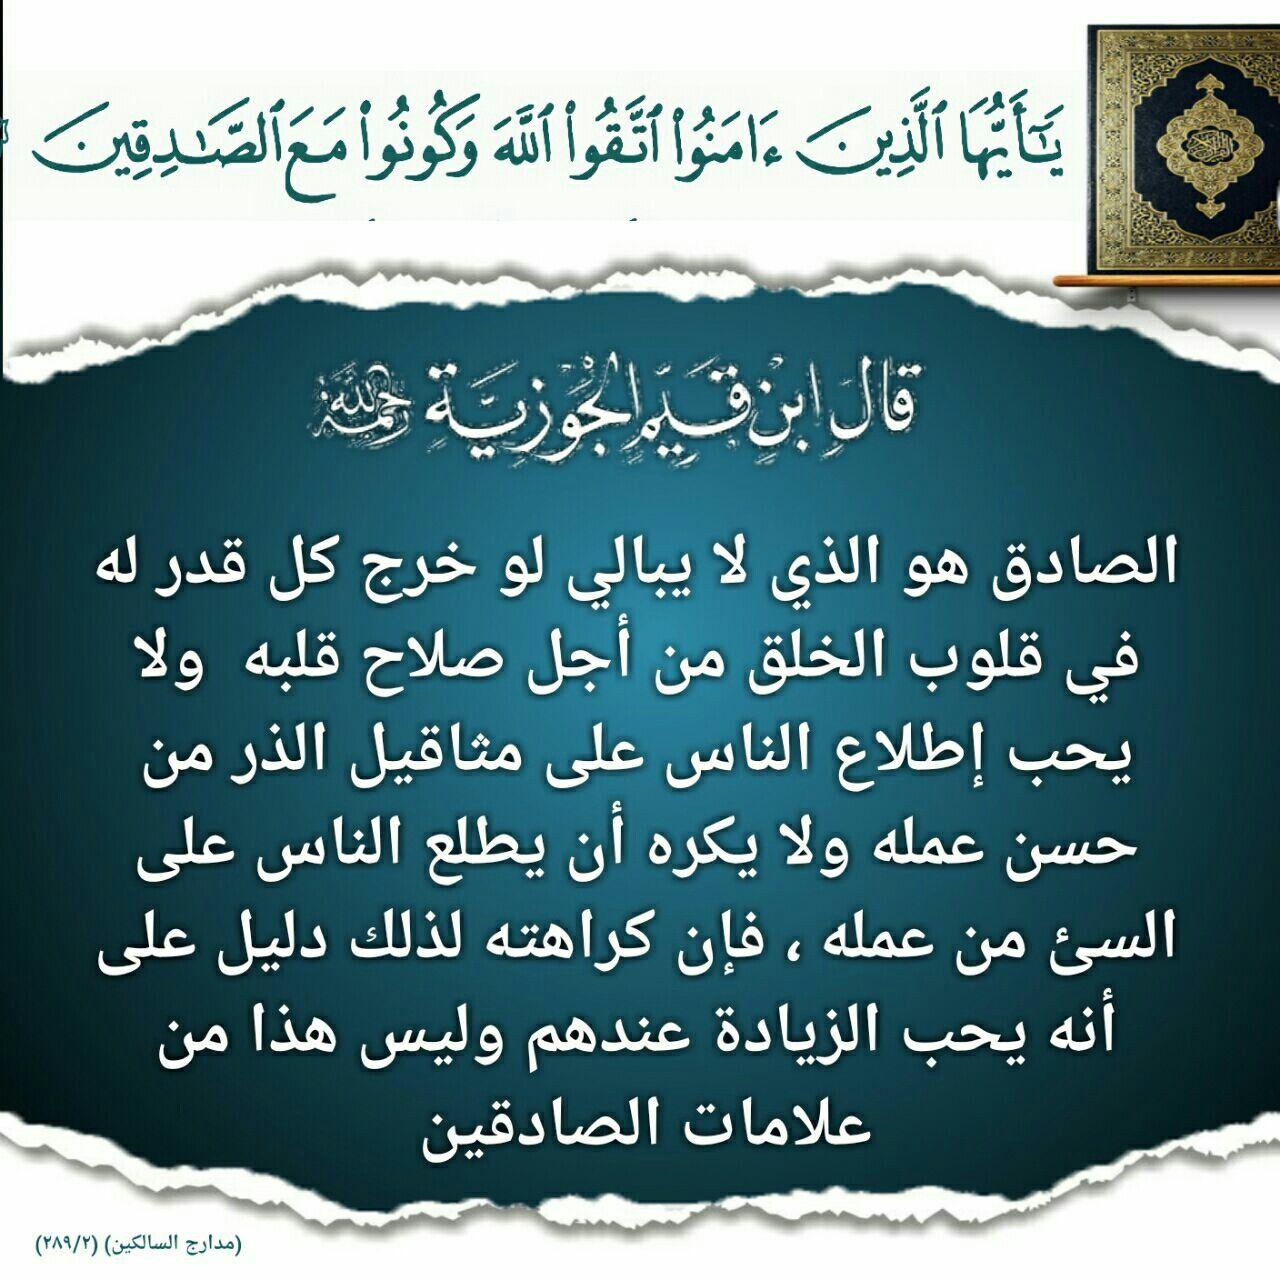 Pin By زهرة الياسمين On Me Islam Hadith Islam Hadith